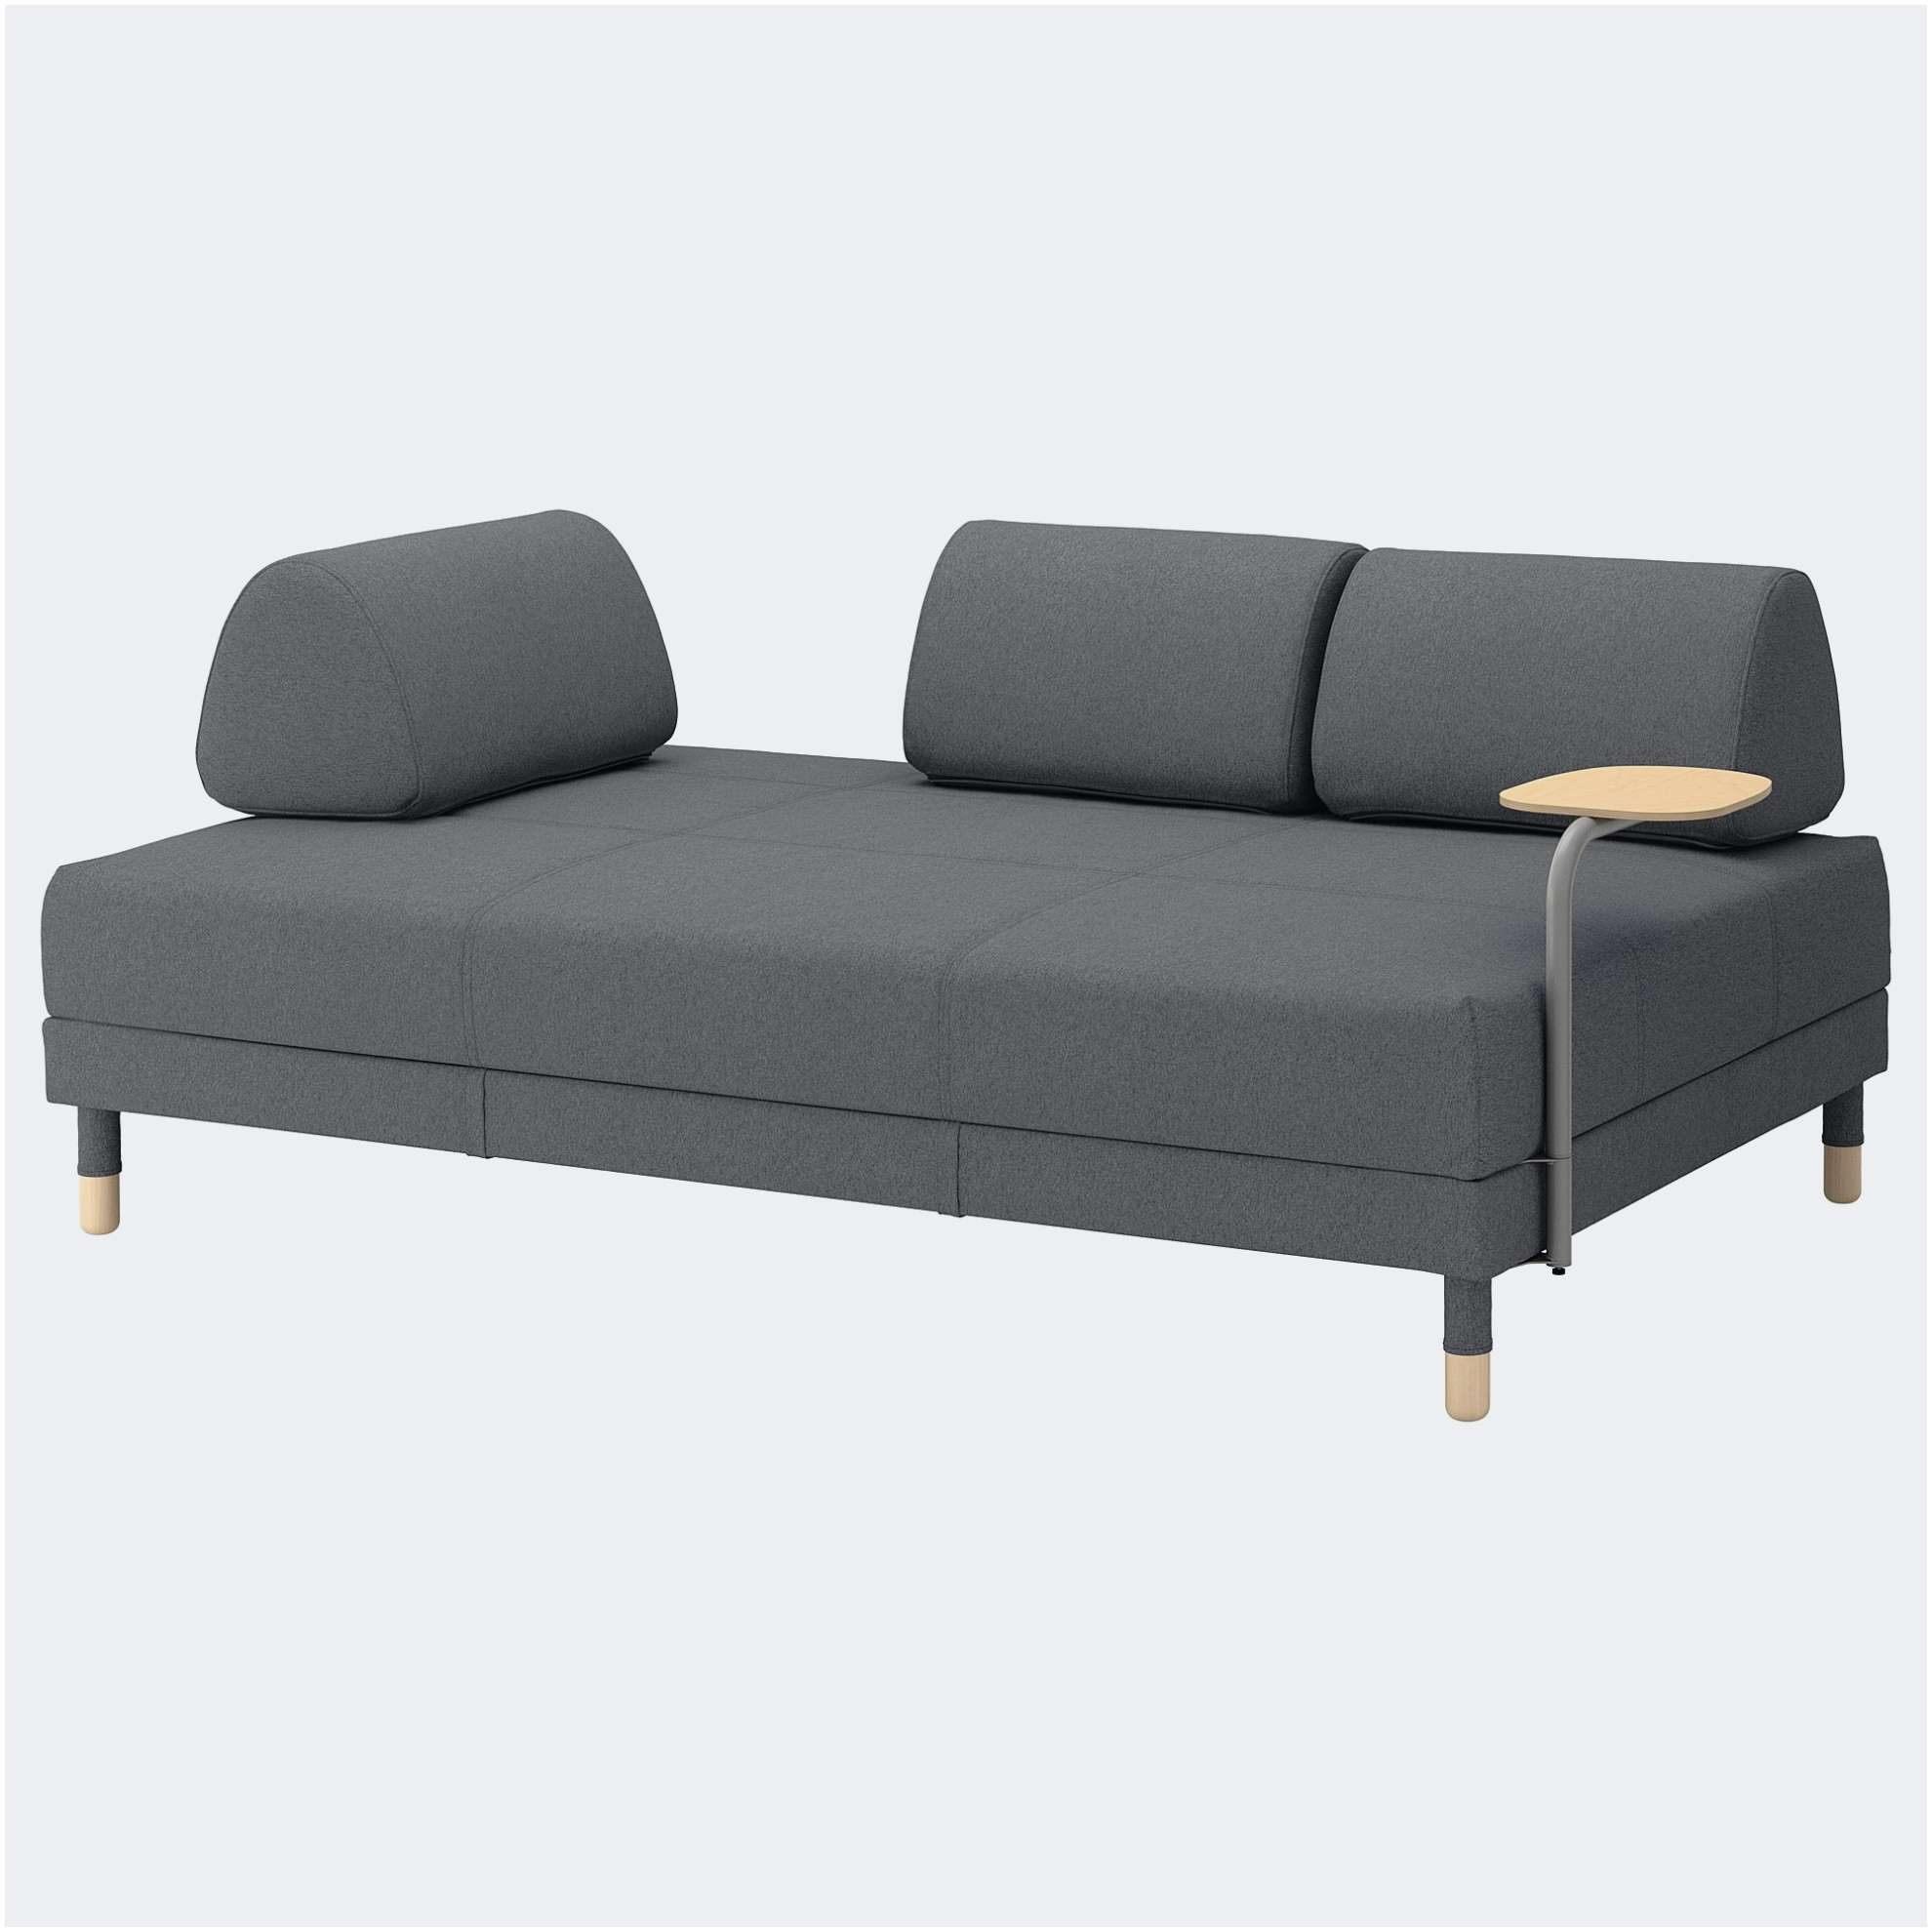 Canapé Lit Gigogne Ikea Inspiré Luxe Le Meilleur De Avec Superbe Canapé Lit Convertible Pour Votre